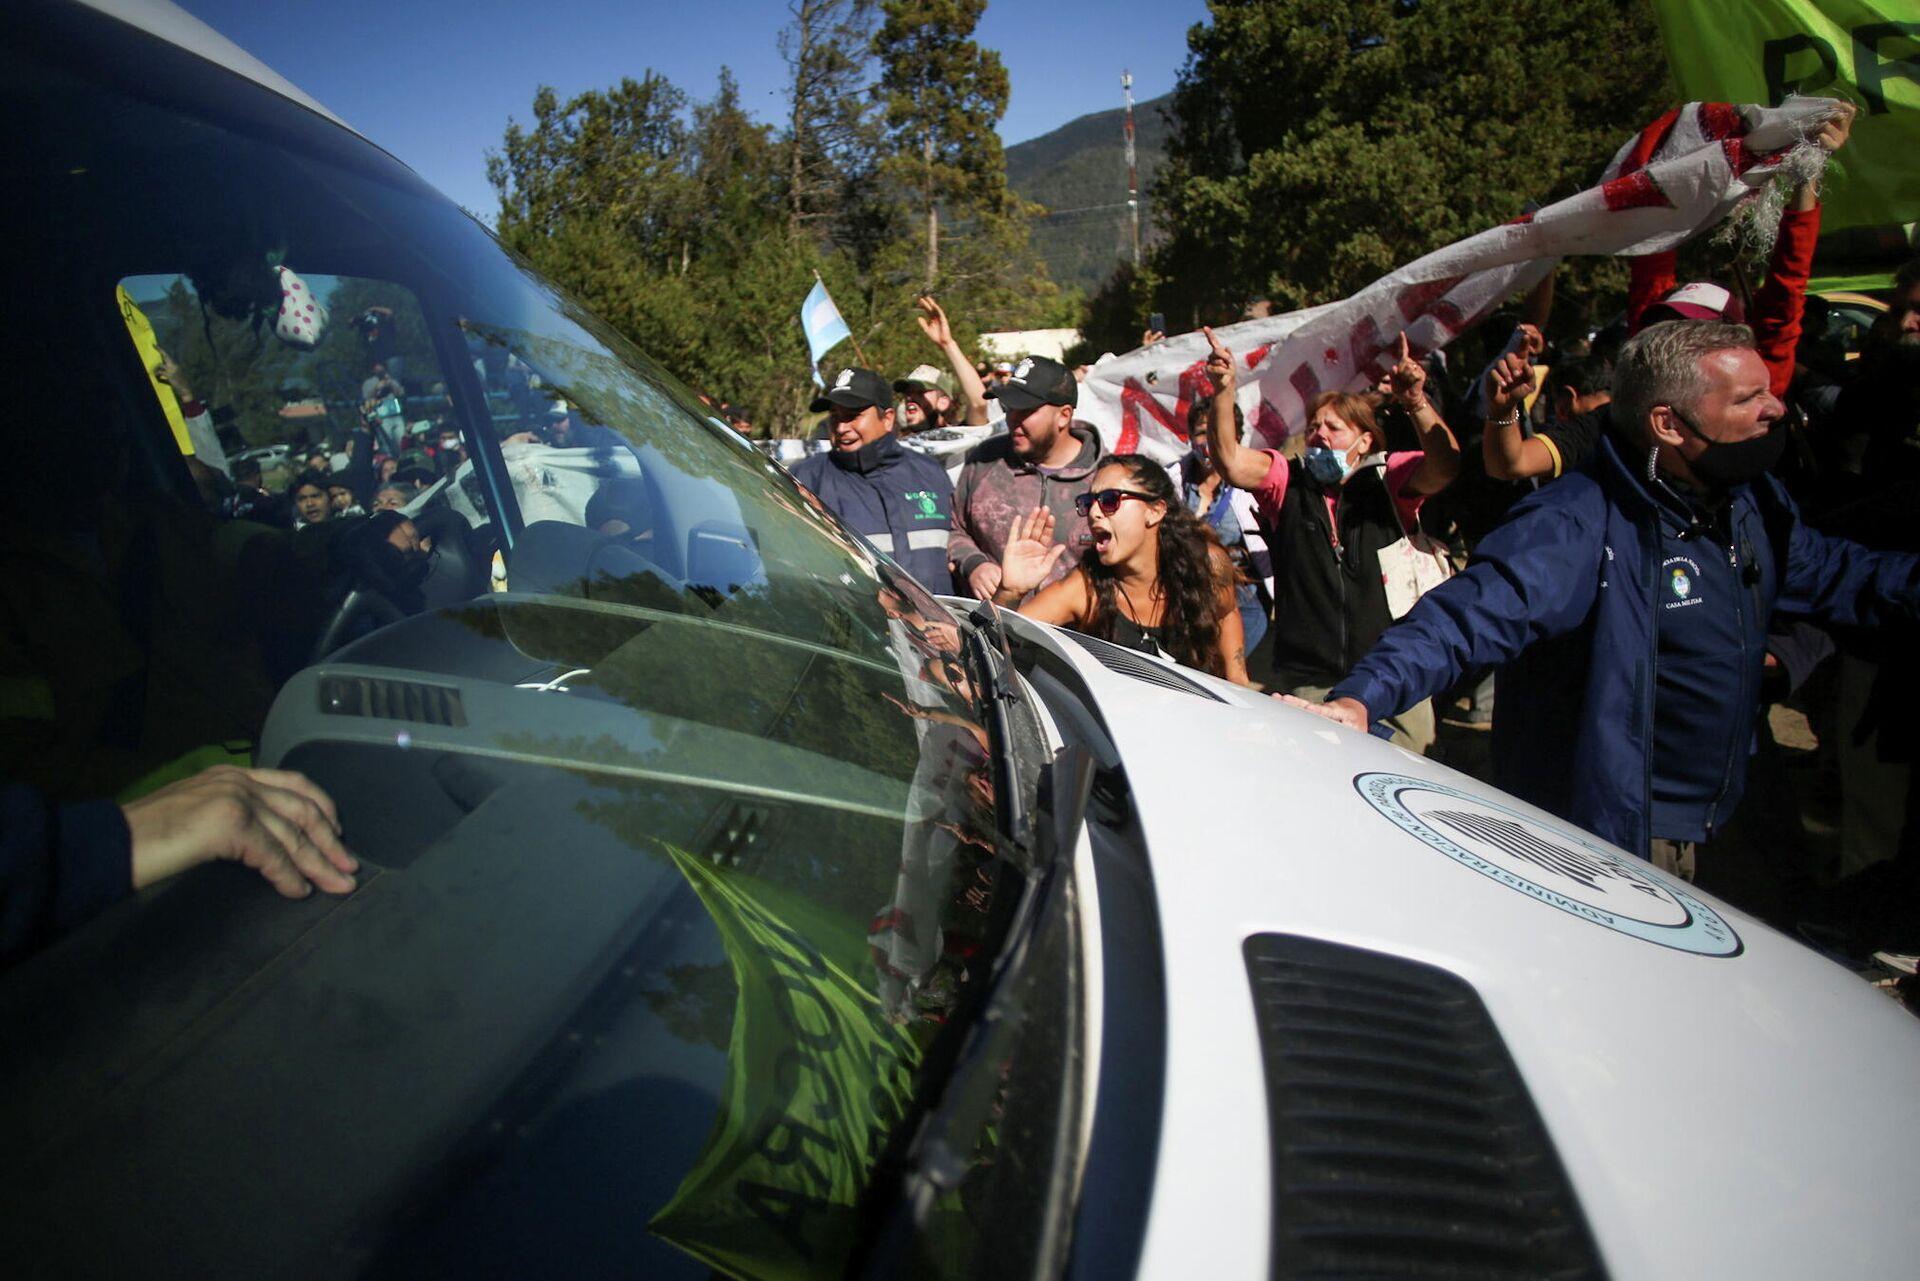 Los manifestantes atacan el vehículo presidencial - Sputnik Mundo, 1920, 13.03.2021